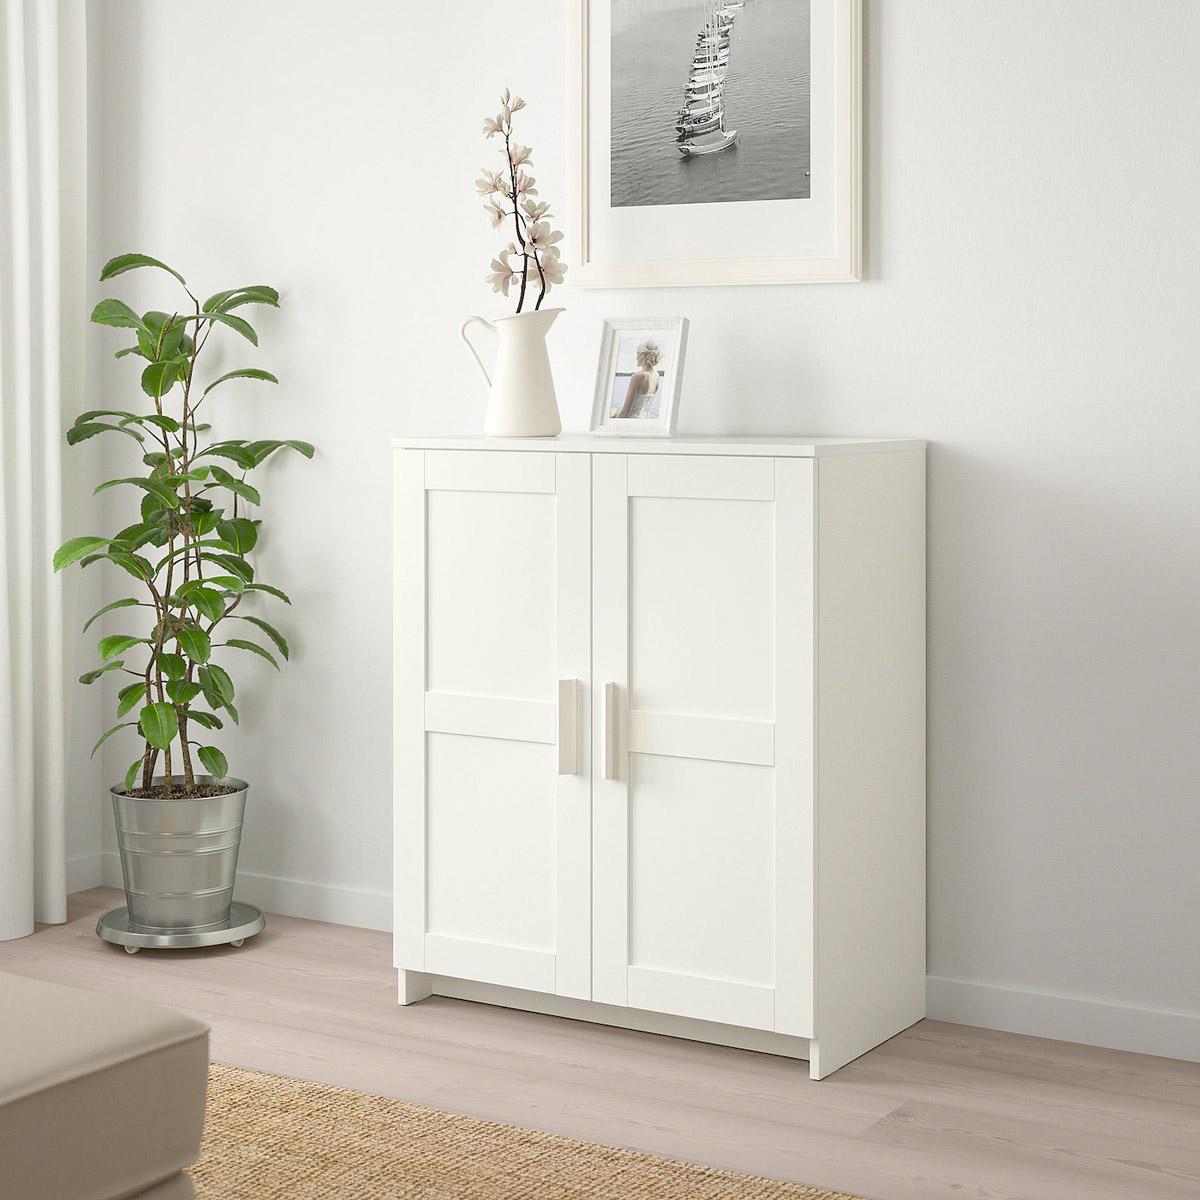 prodotti in offerta con IKEA Family per settembre 2020